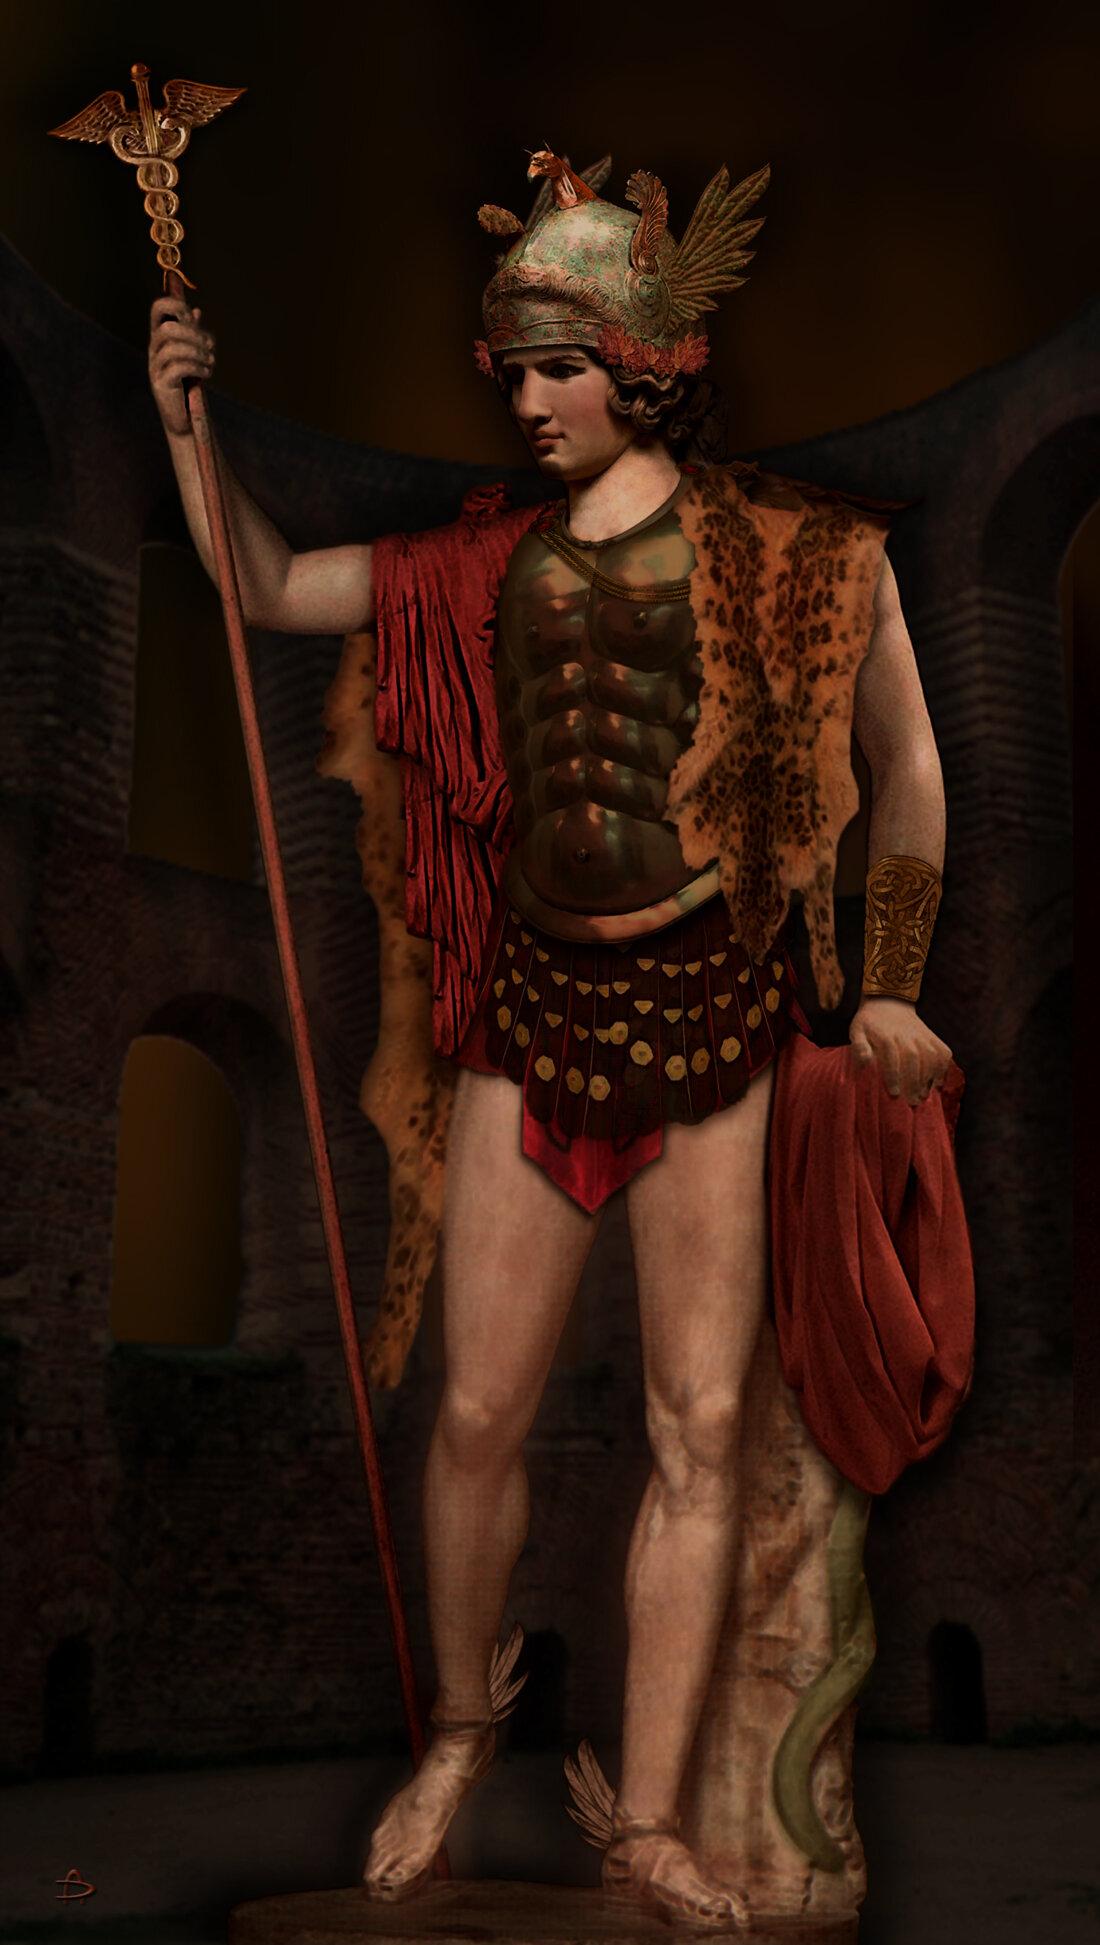 экспозиции стоп картинка древнегреческого бога гермеса ним первую